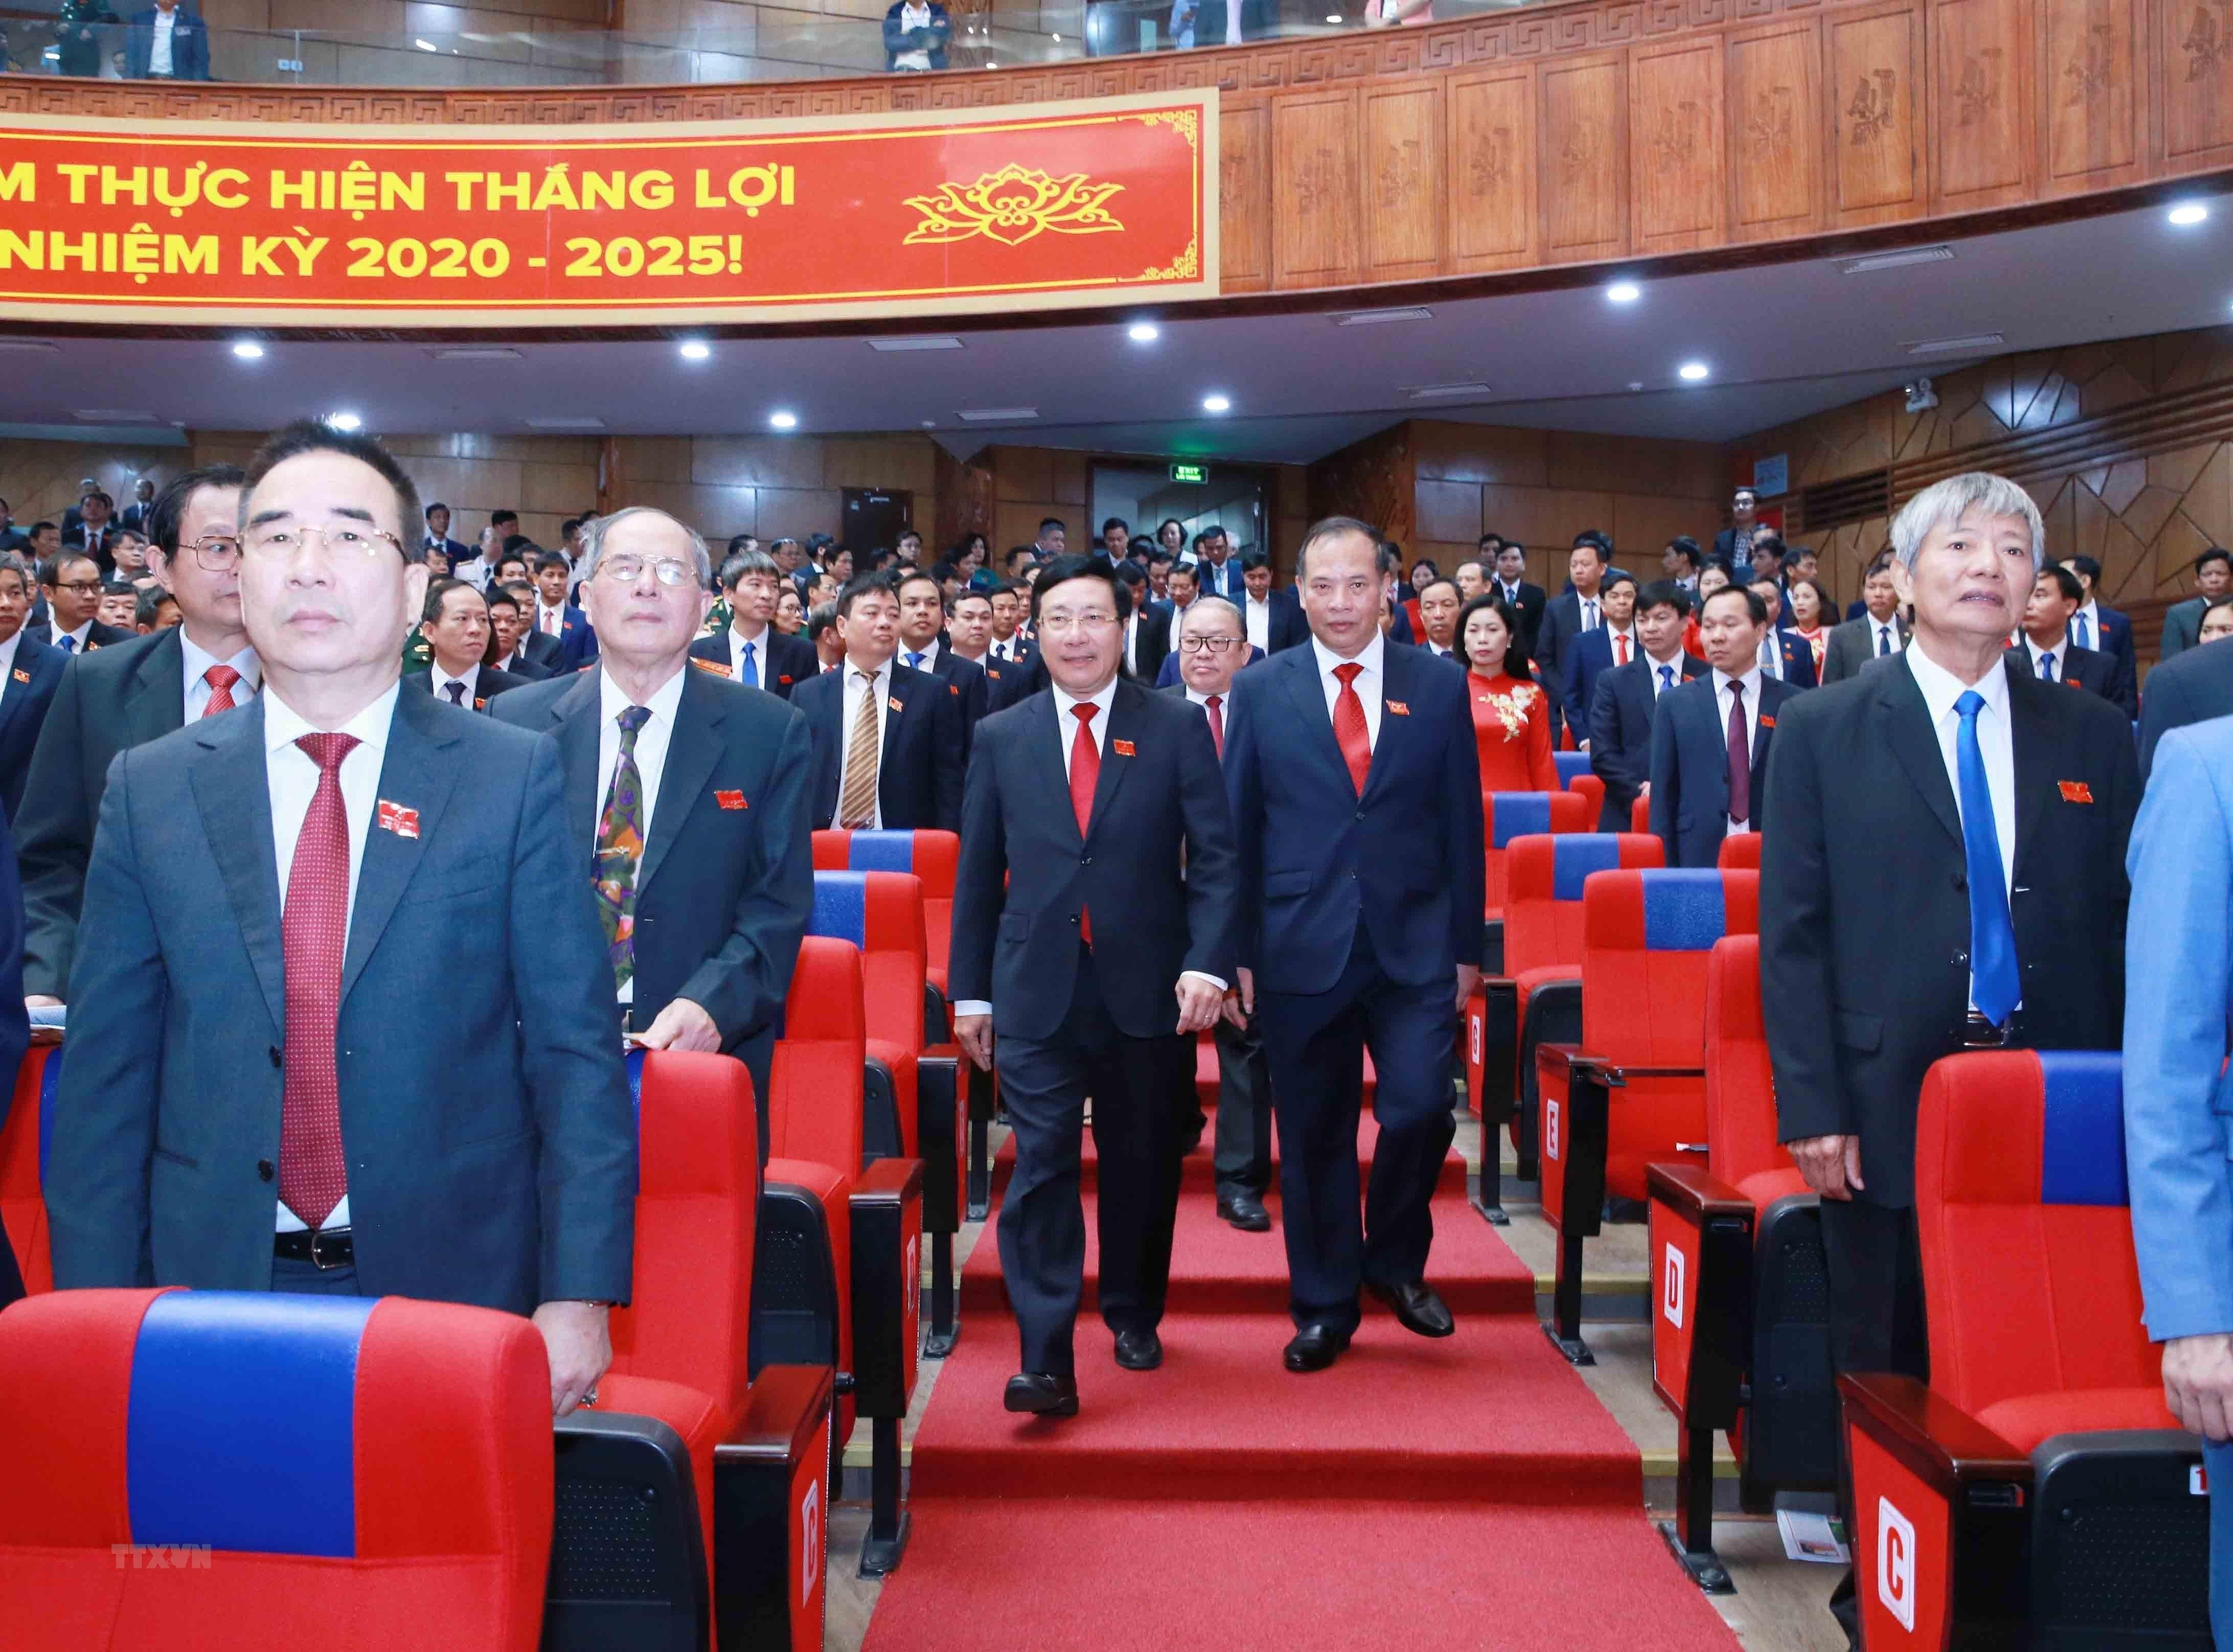 [Photo] Dai hoi dai bieu Dang bo tinh Hai Duong lan thu XVII hinh anh 1